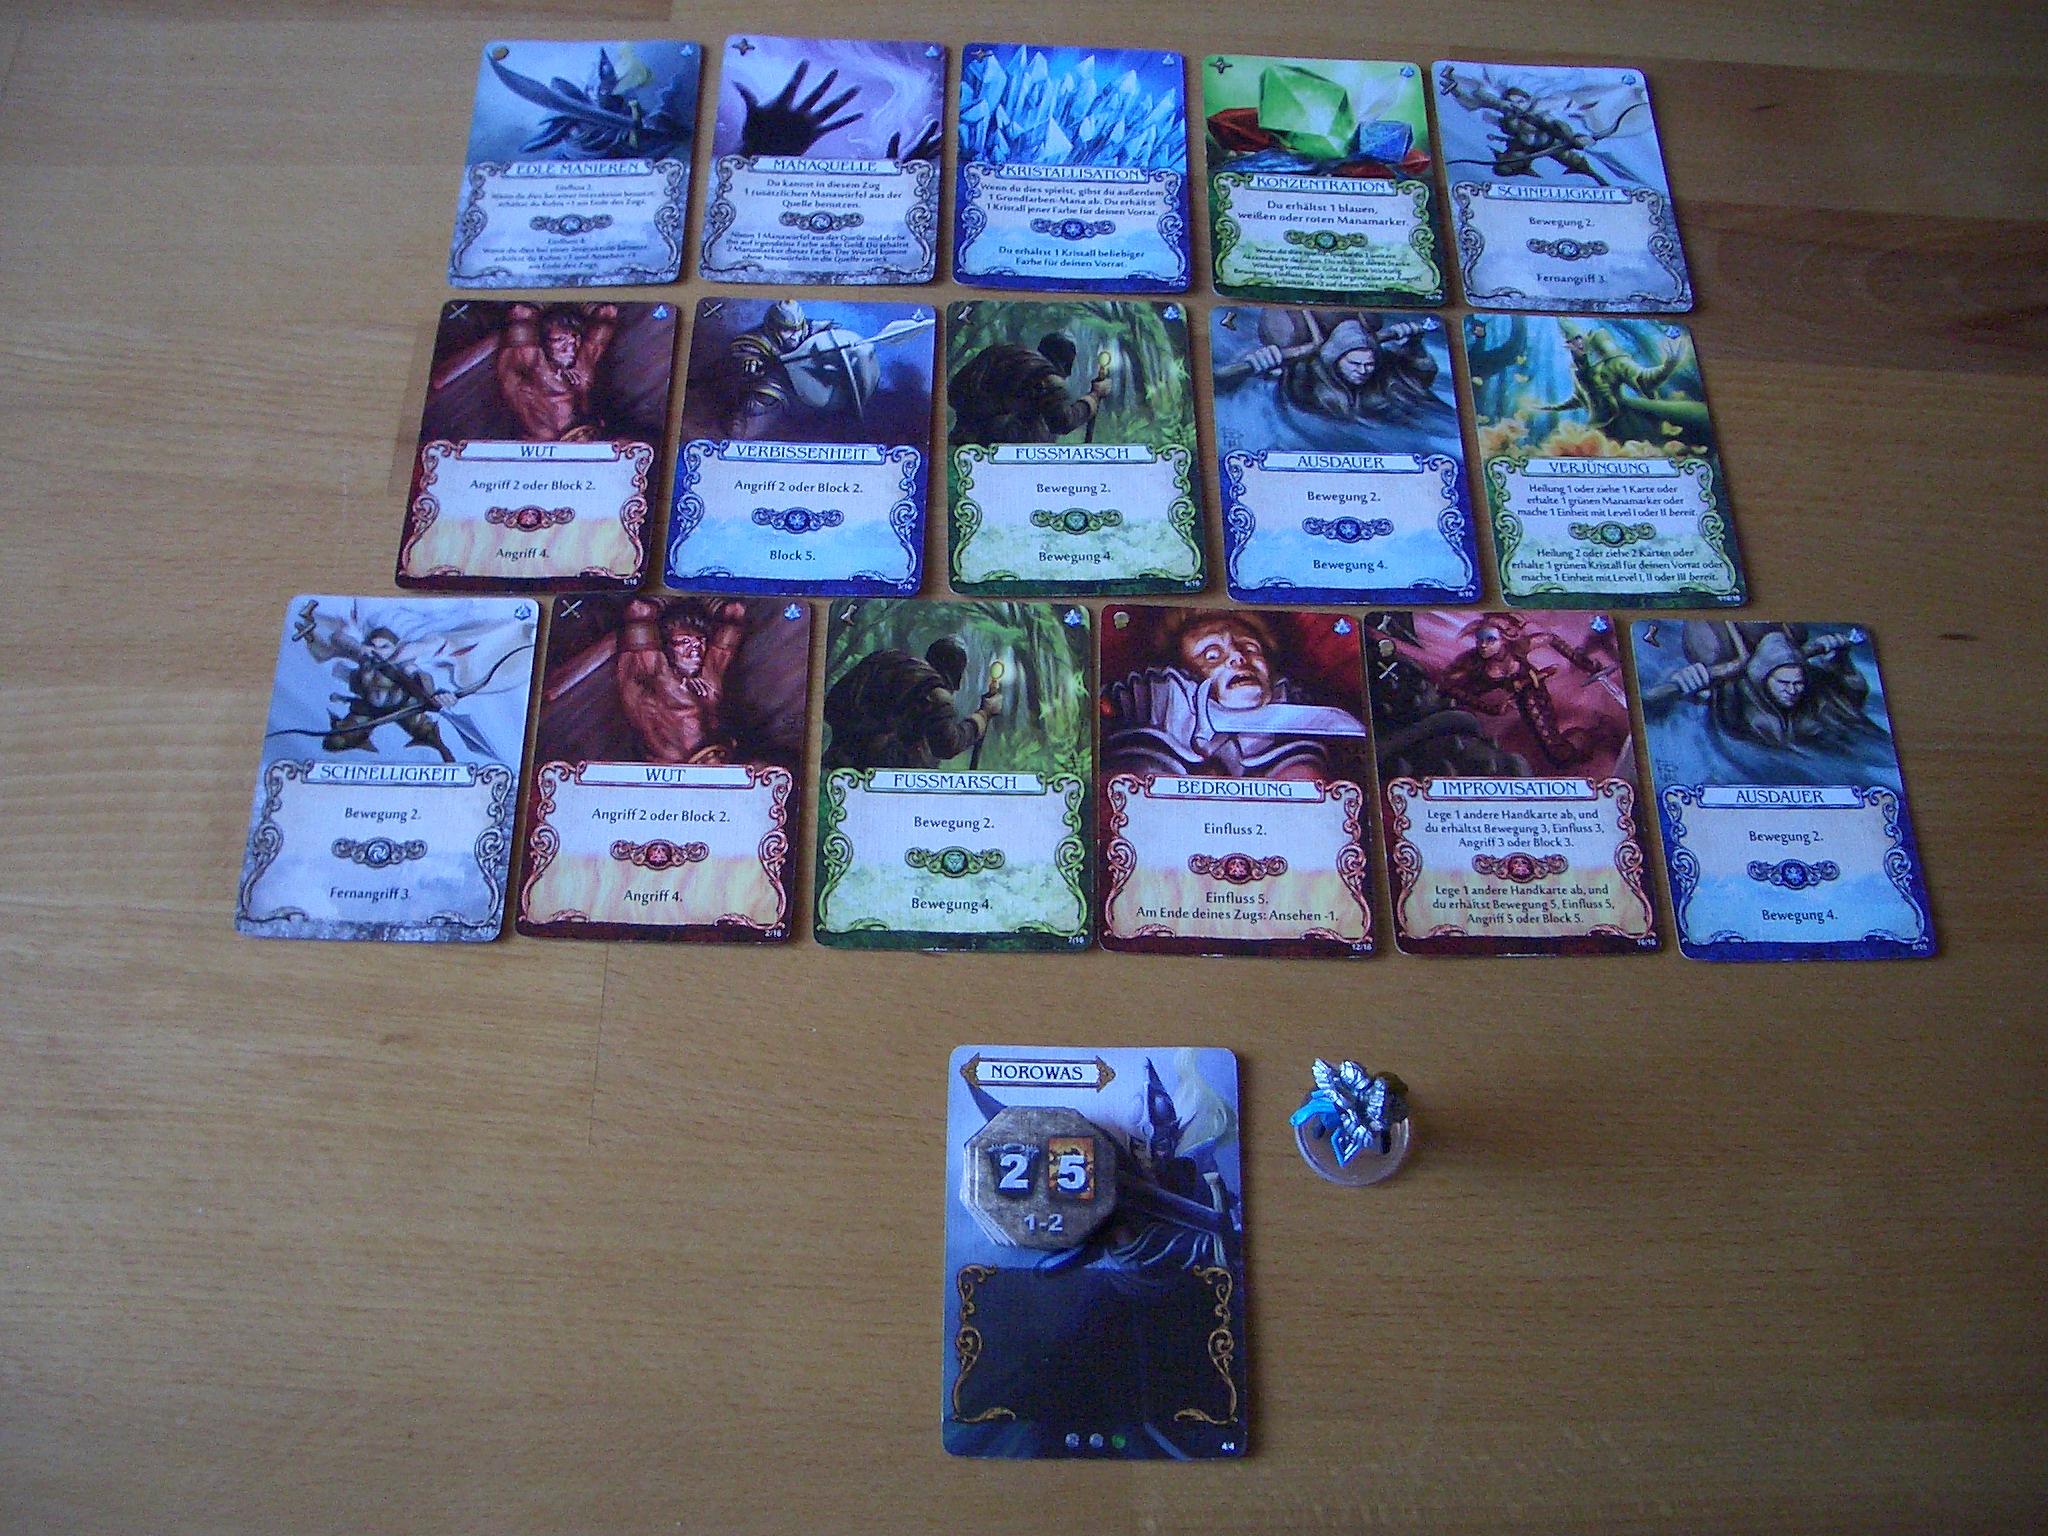 Mage Knight - Das Brettspiel Kartendeck